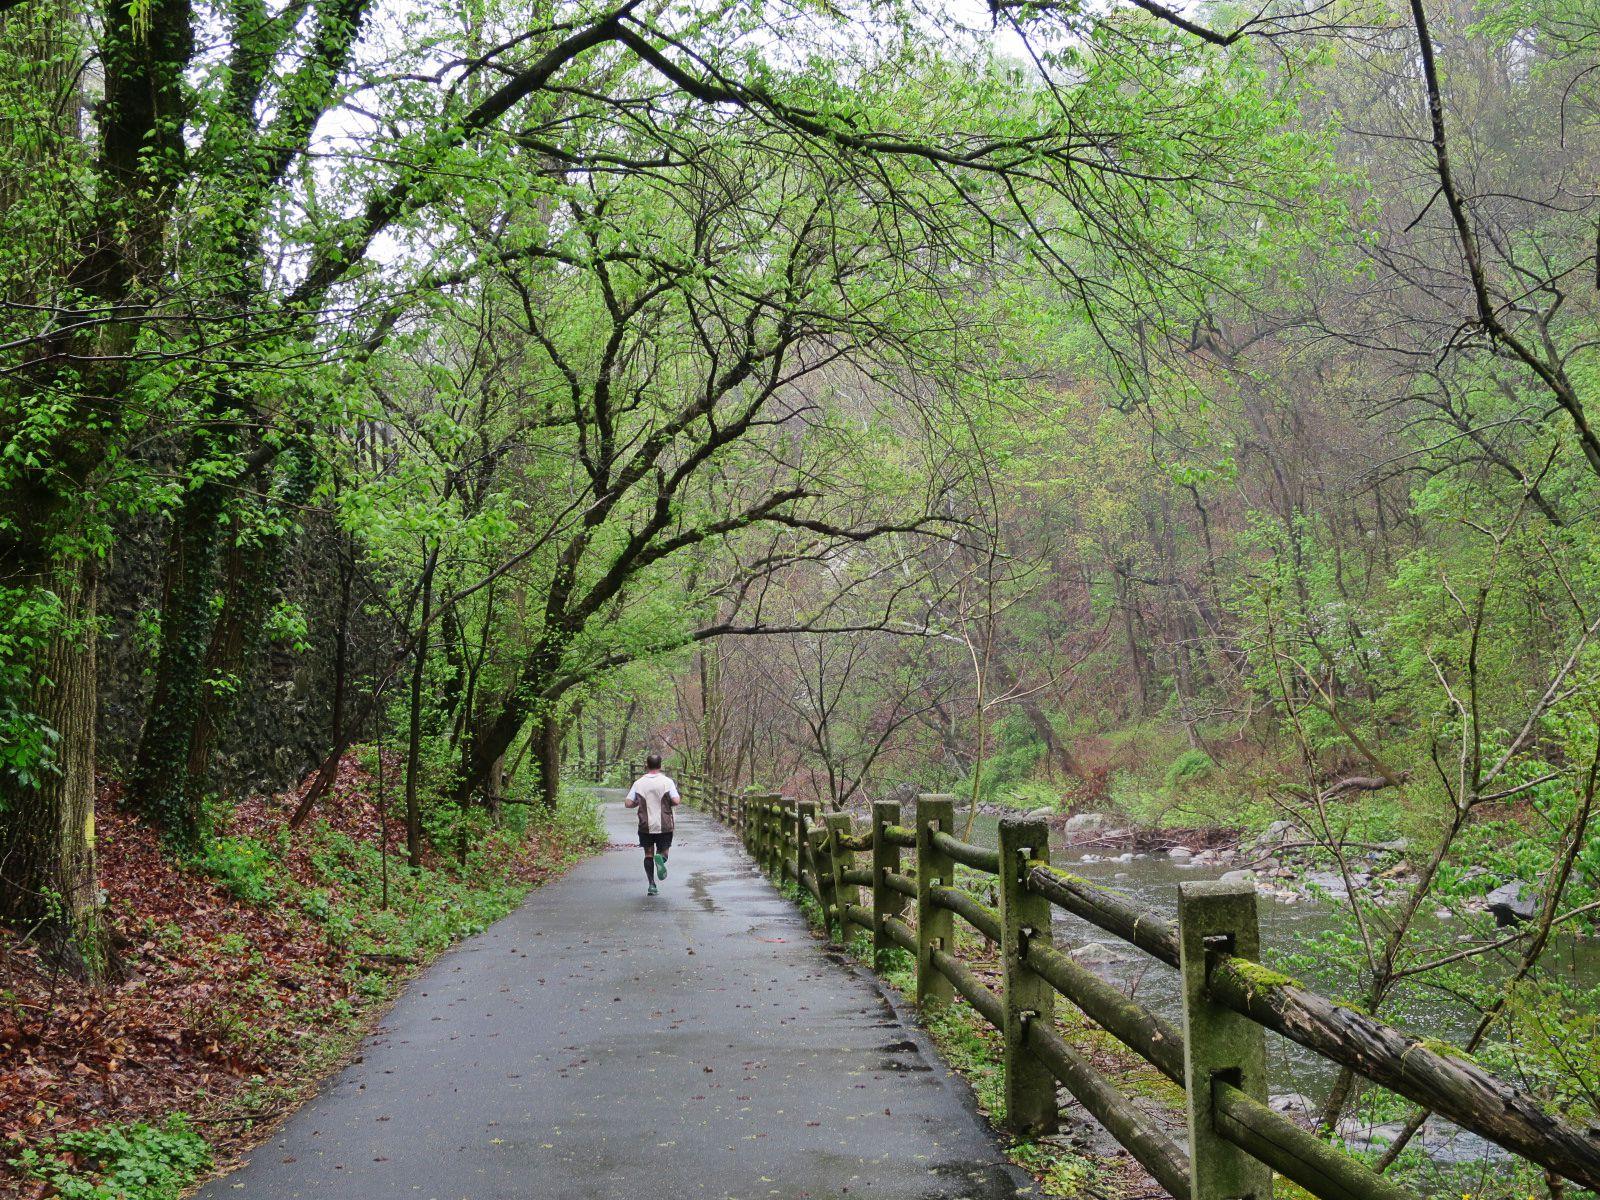 EastFallsLocal 4-23 Wissahickon runner path forest creek